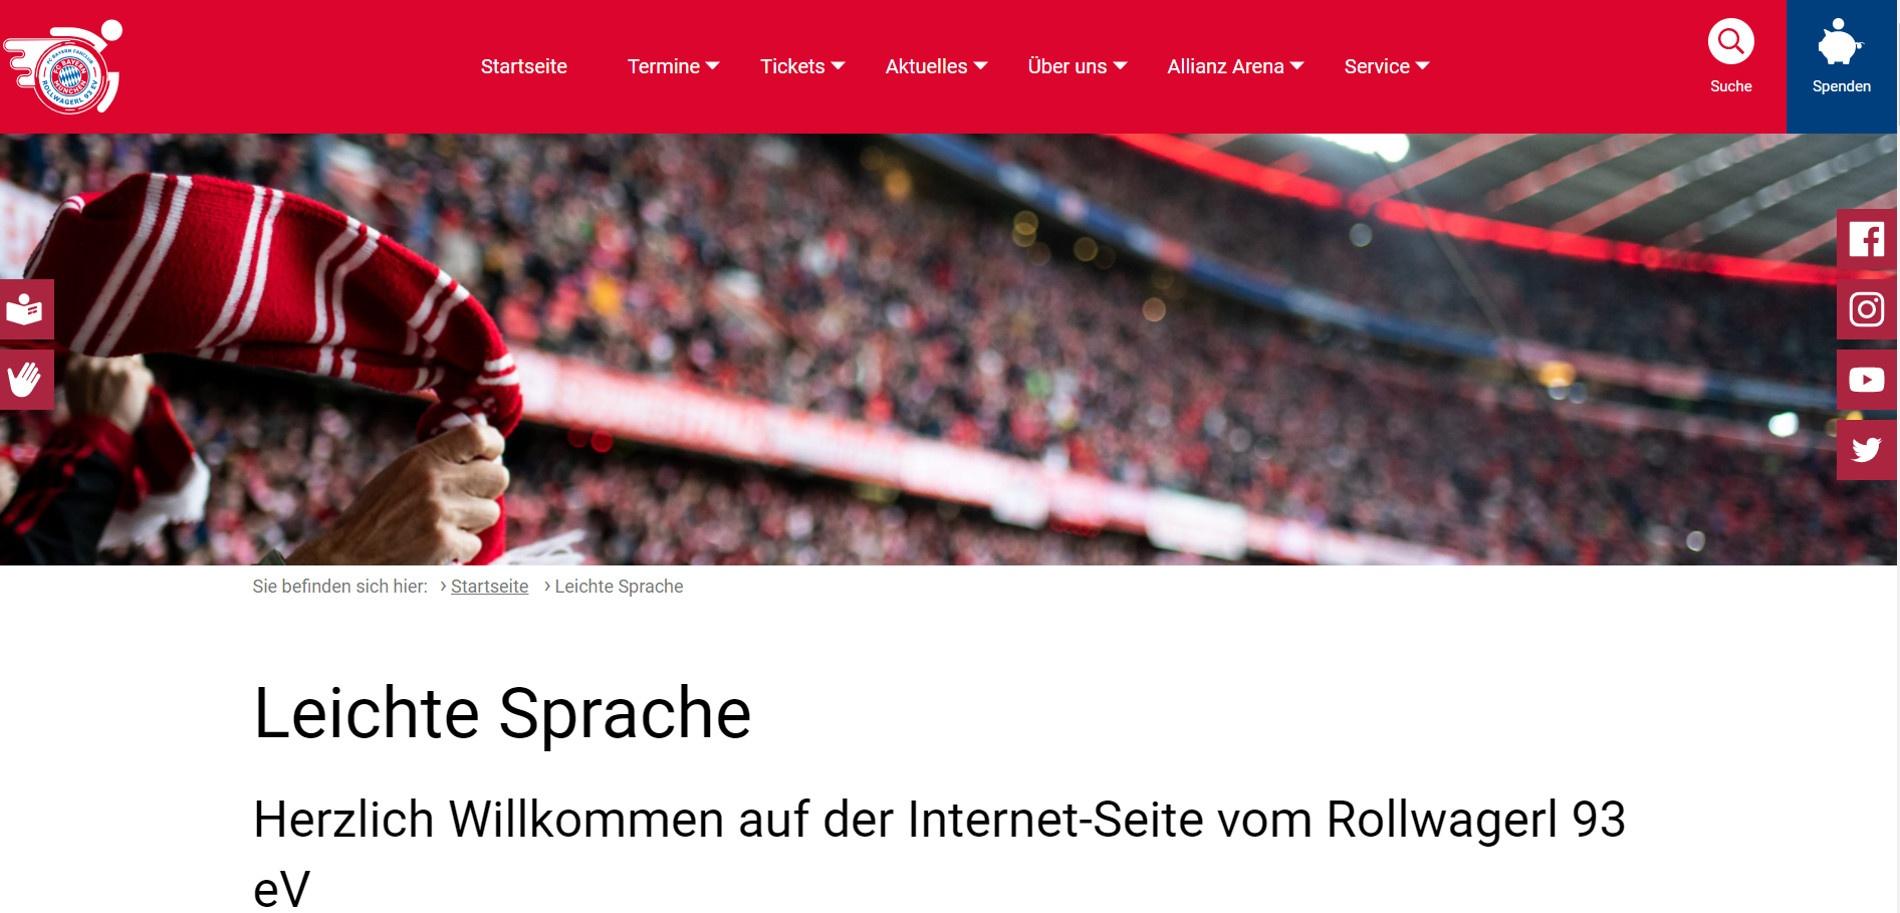 Screenshot der neuen Webseite des Rollwagerl 93 e.V. in leichter Sprache.